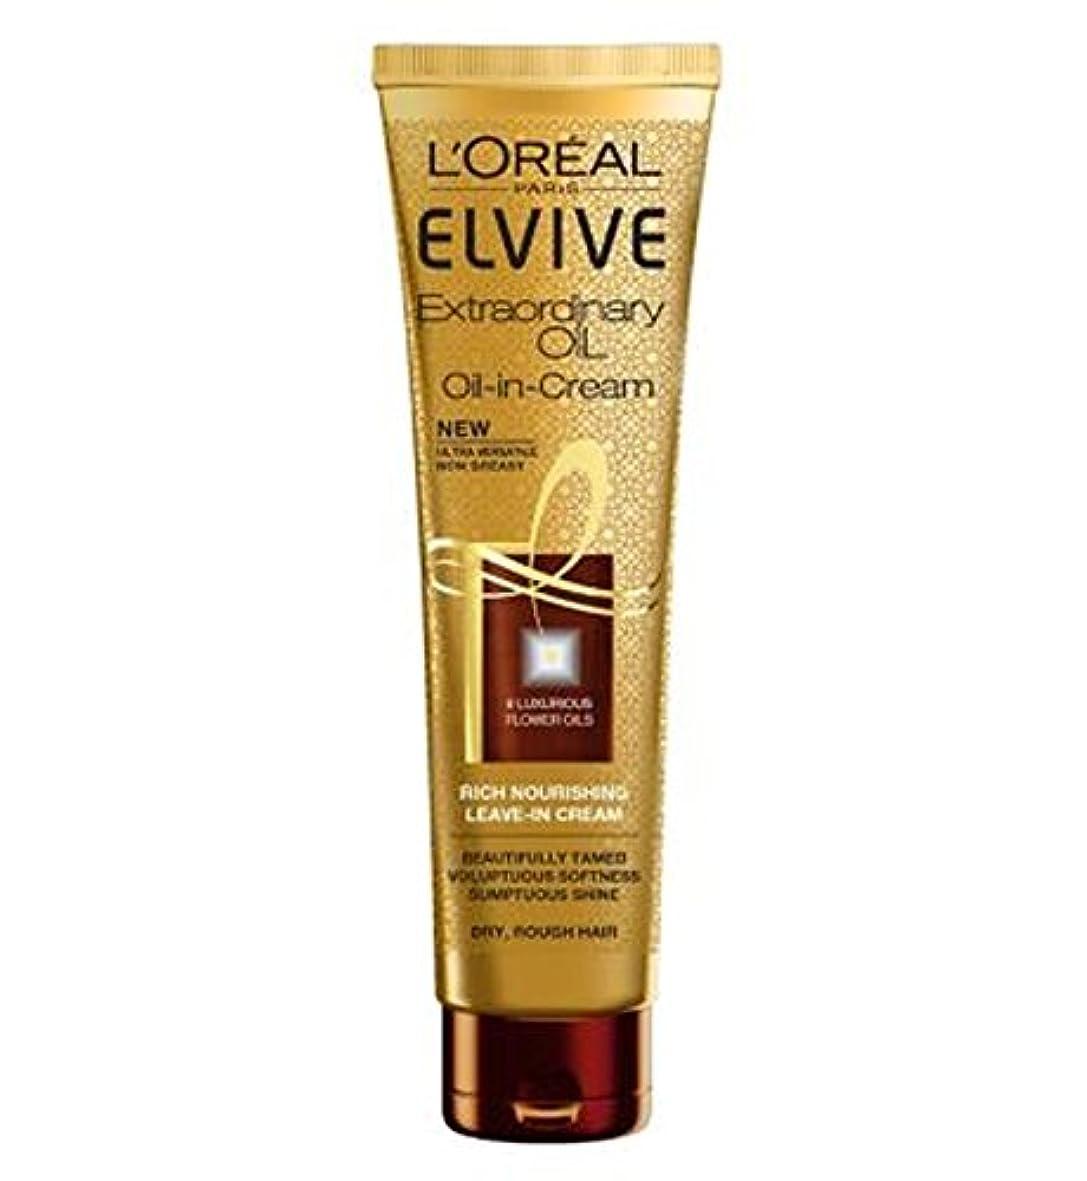 従者番号。クリーム乾いた髪でロレアルパリElvive臨時オイル (L'Oreal) (x2) - L'Oreal Paris Elvive Extraordinary Oil in Cream Dry Hair (Pack of...